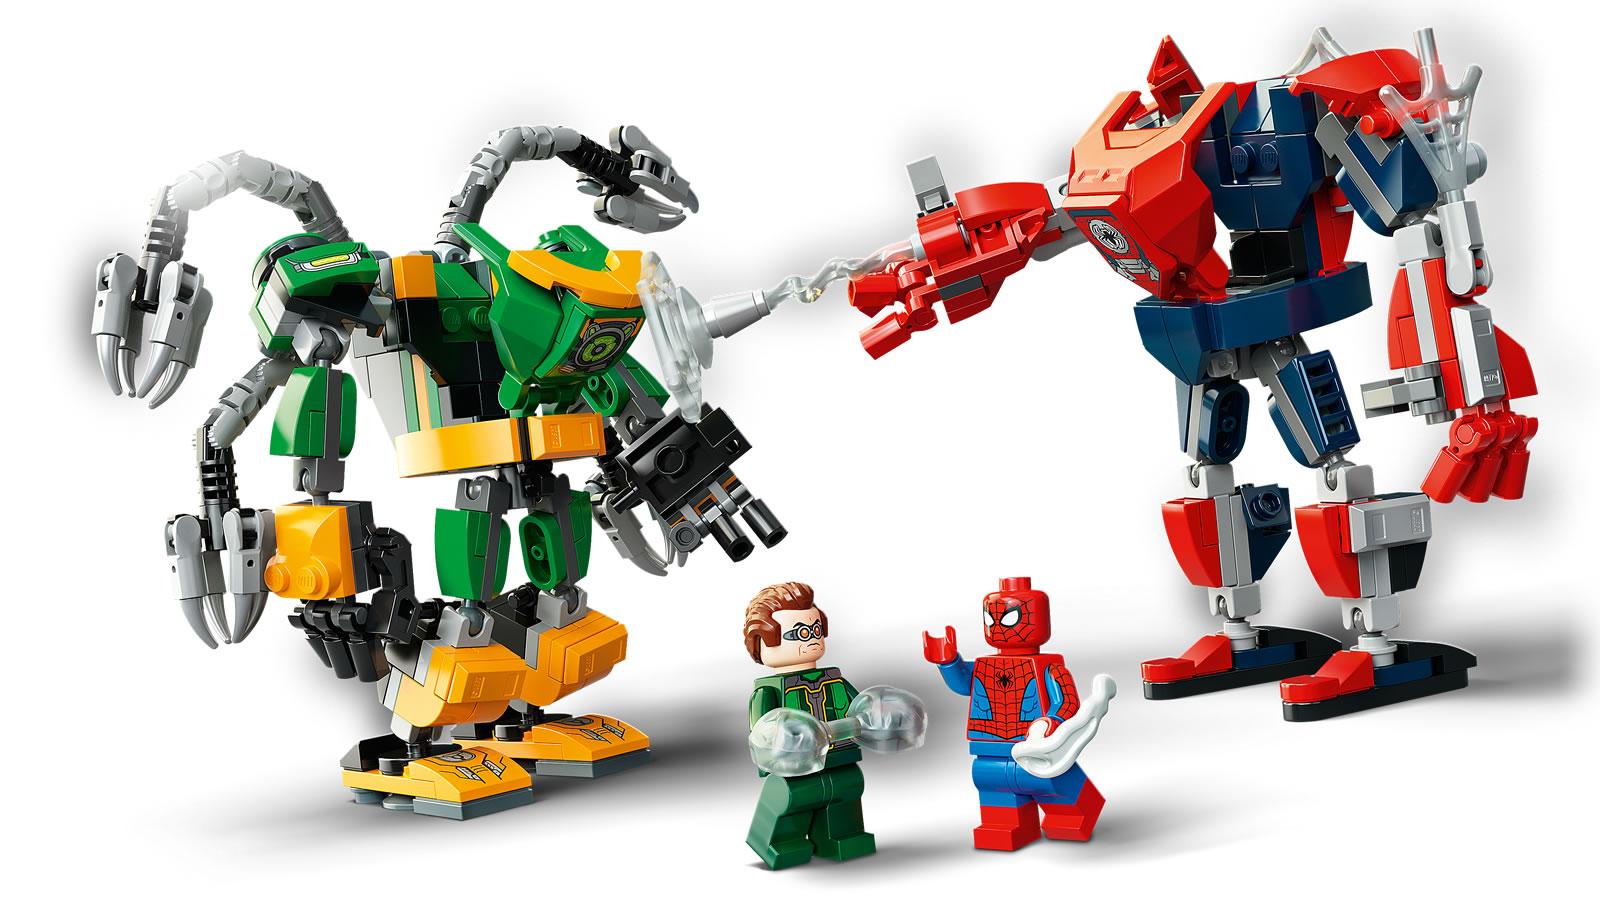 レゴ マーベル『76189スパイダーマンとドクター・オクトパスメカバトル』新製品情報 :2021年4月~5月発売見込み